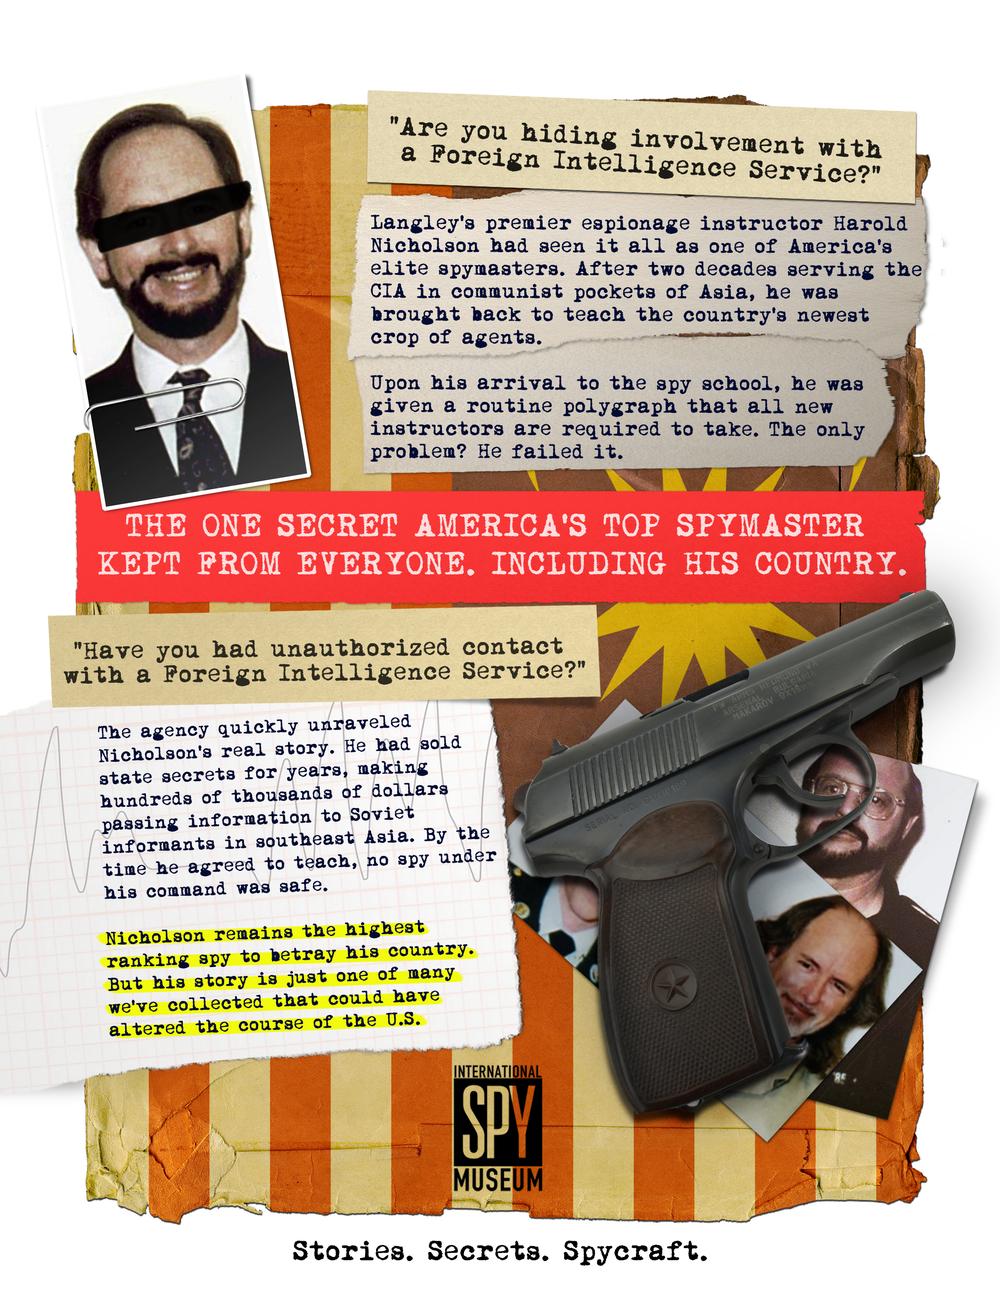 SpyMuseumprint3_v4.png